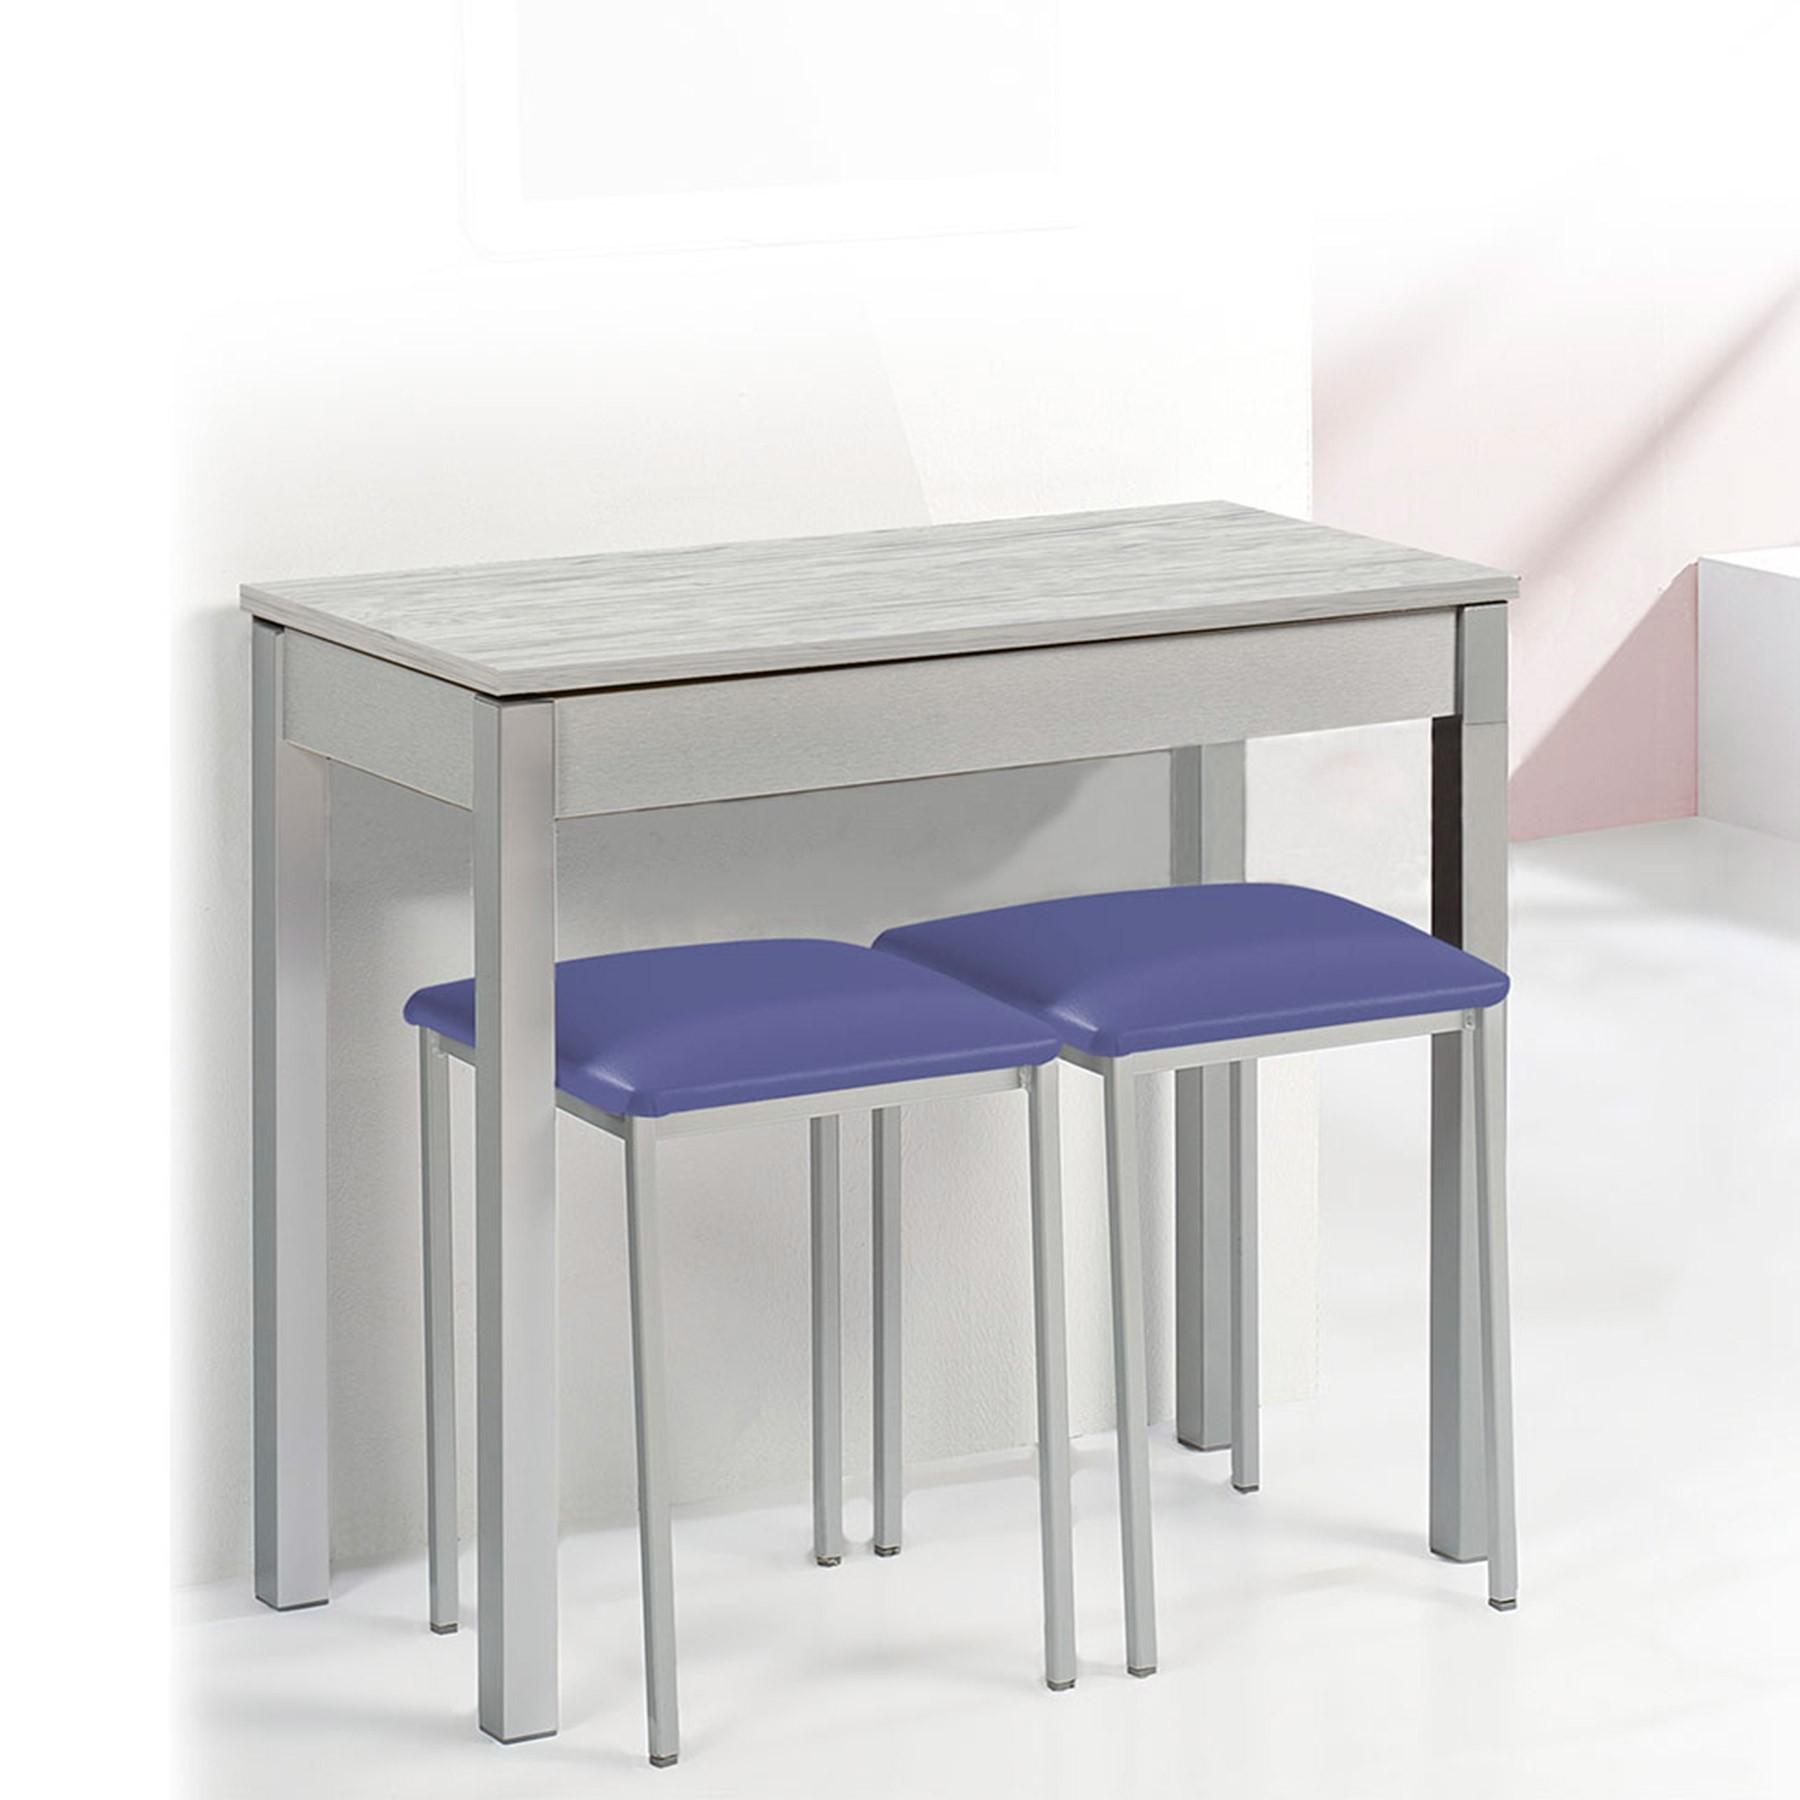 Conjunto de mesa sillas y taburetes de cocina calidad for Conjunto de sillas y mesas de cocina